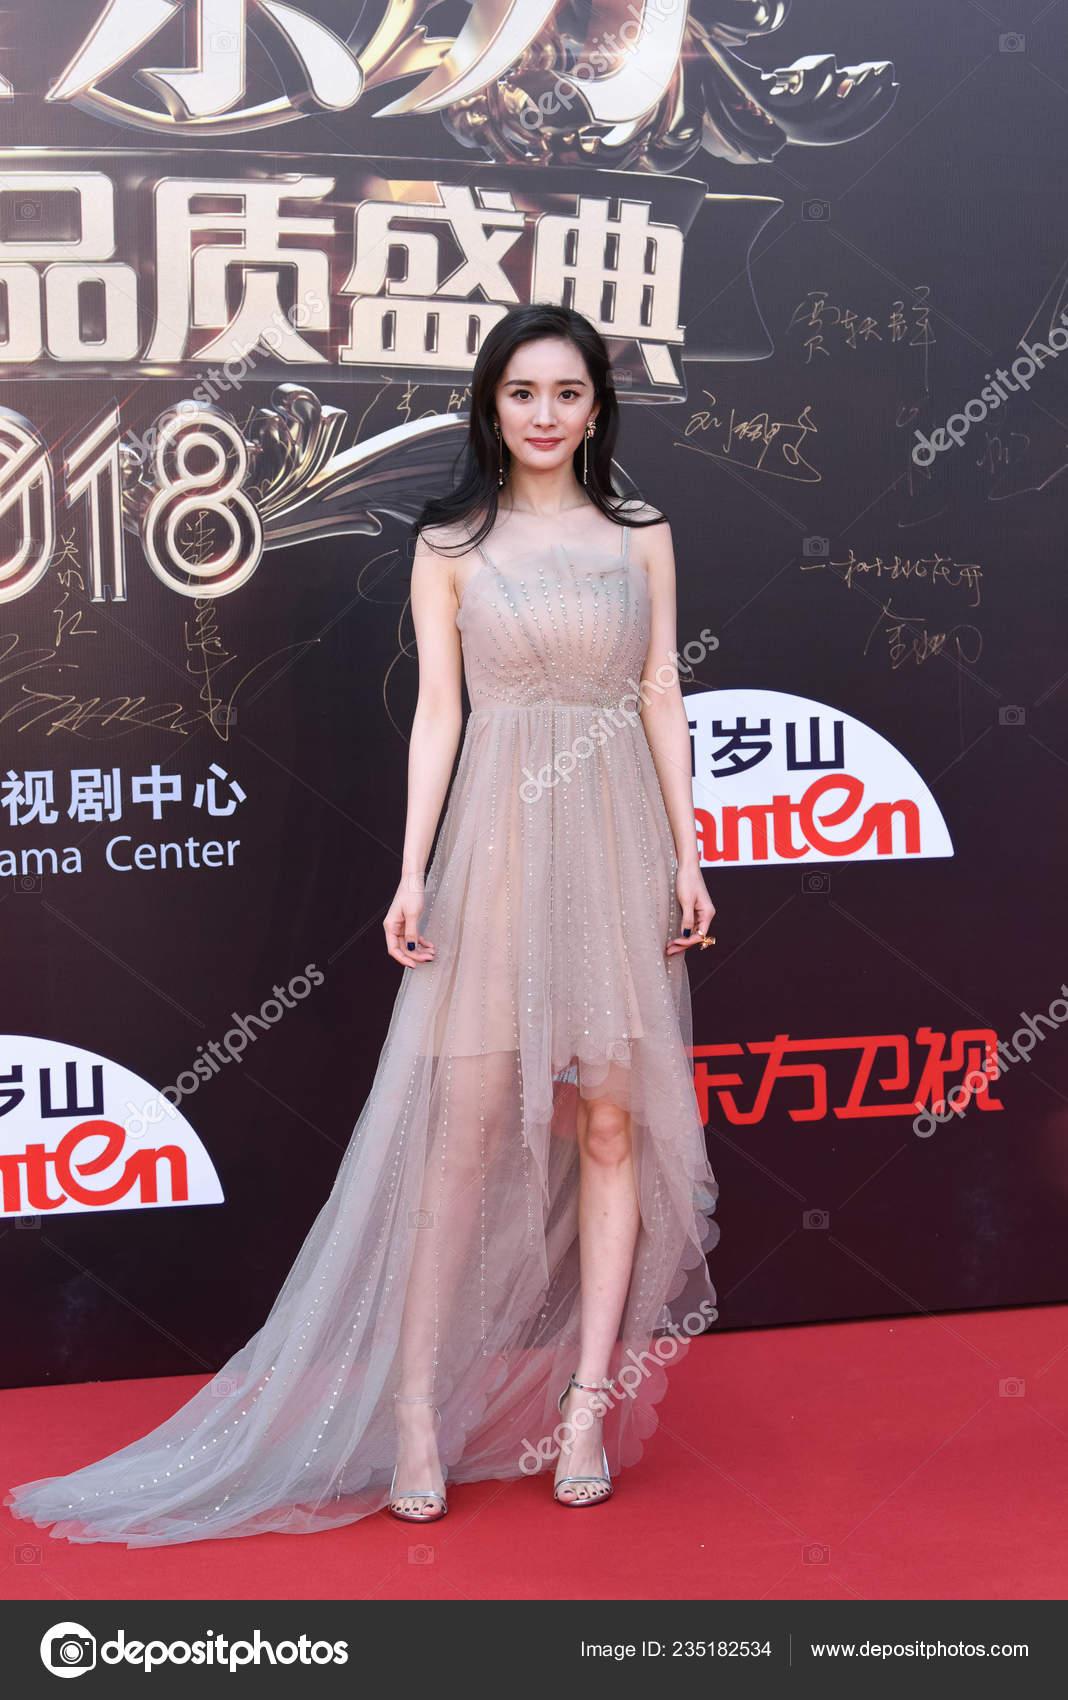 Actriz China Yang Llega Alfombra Roja Para Drama Awards Por — Foto